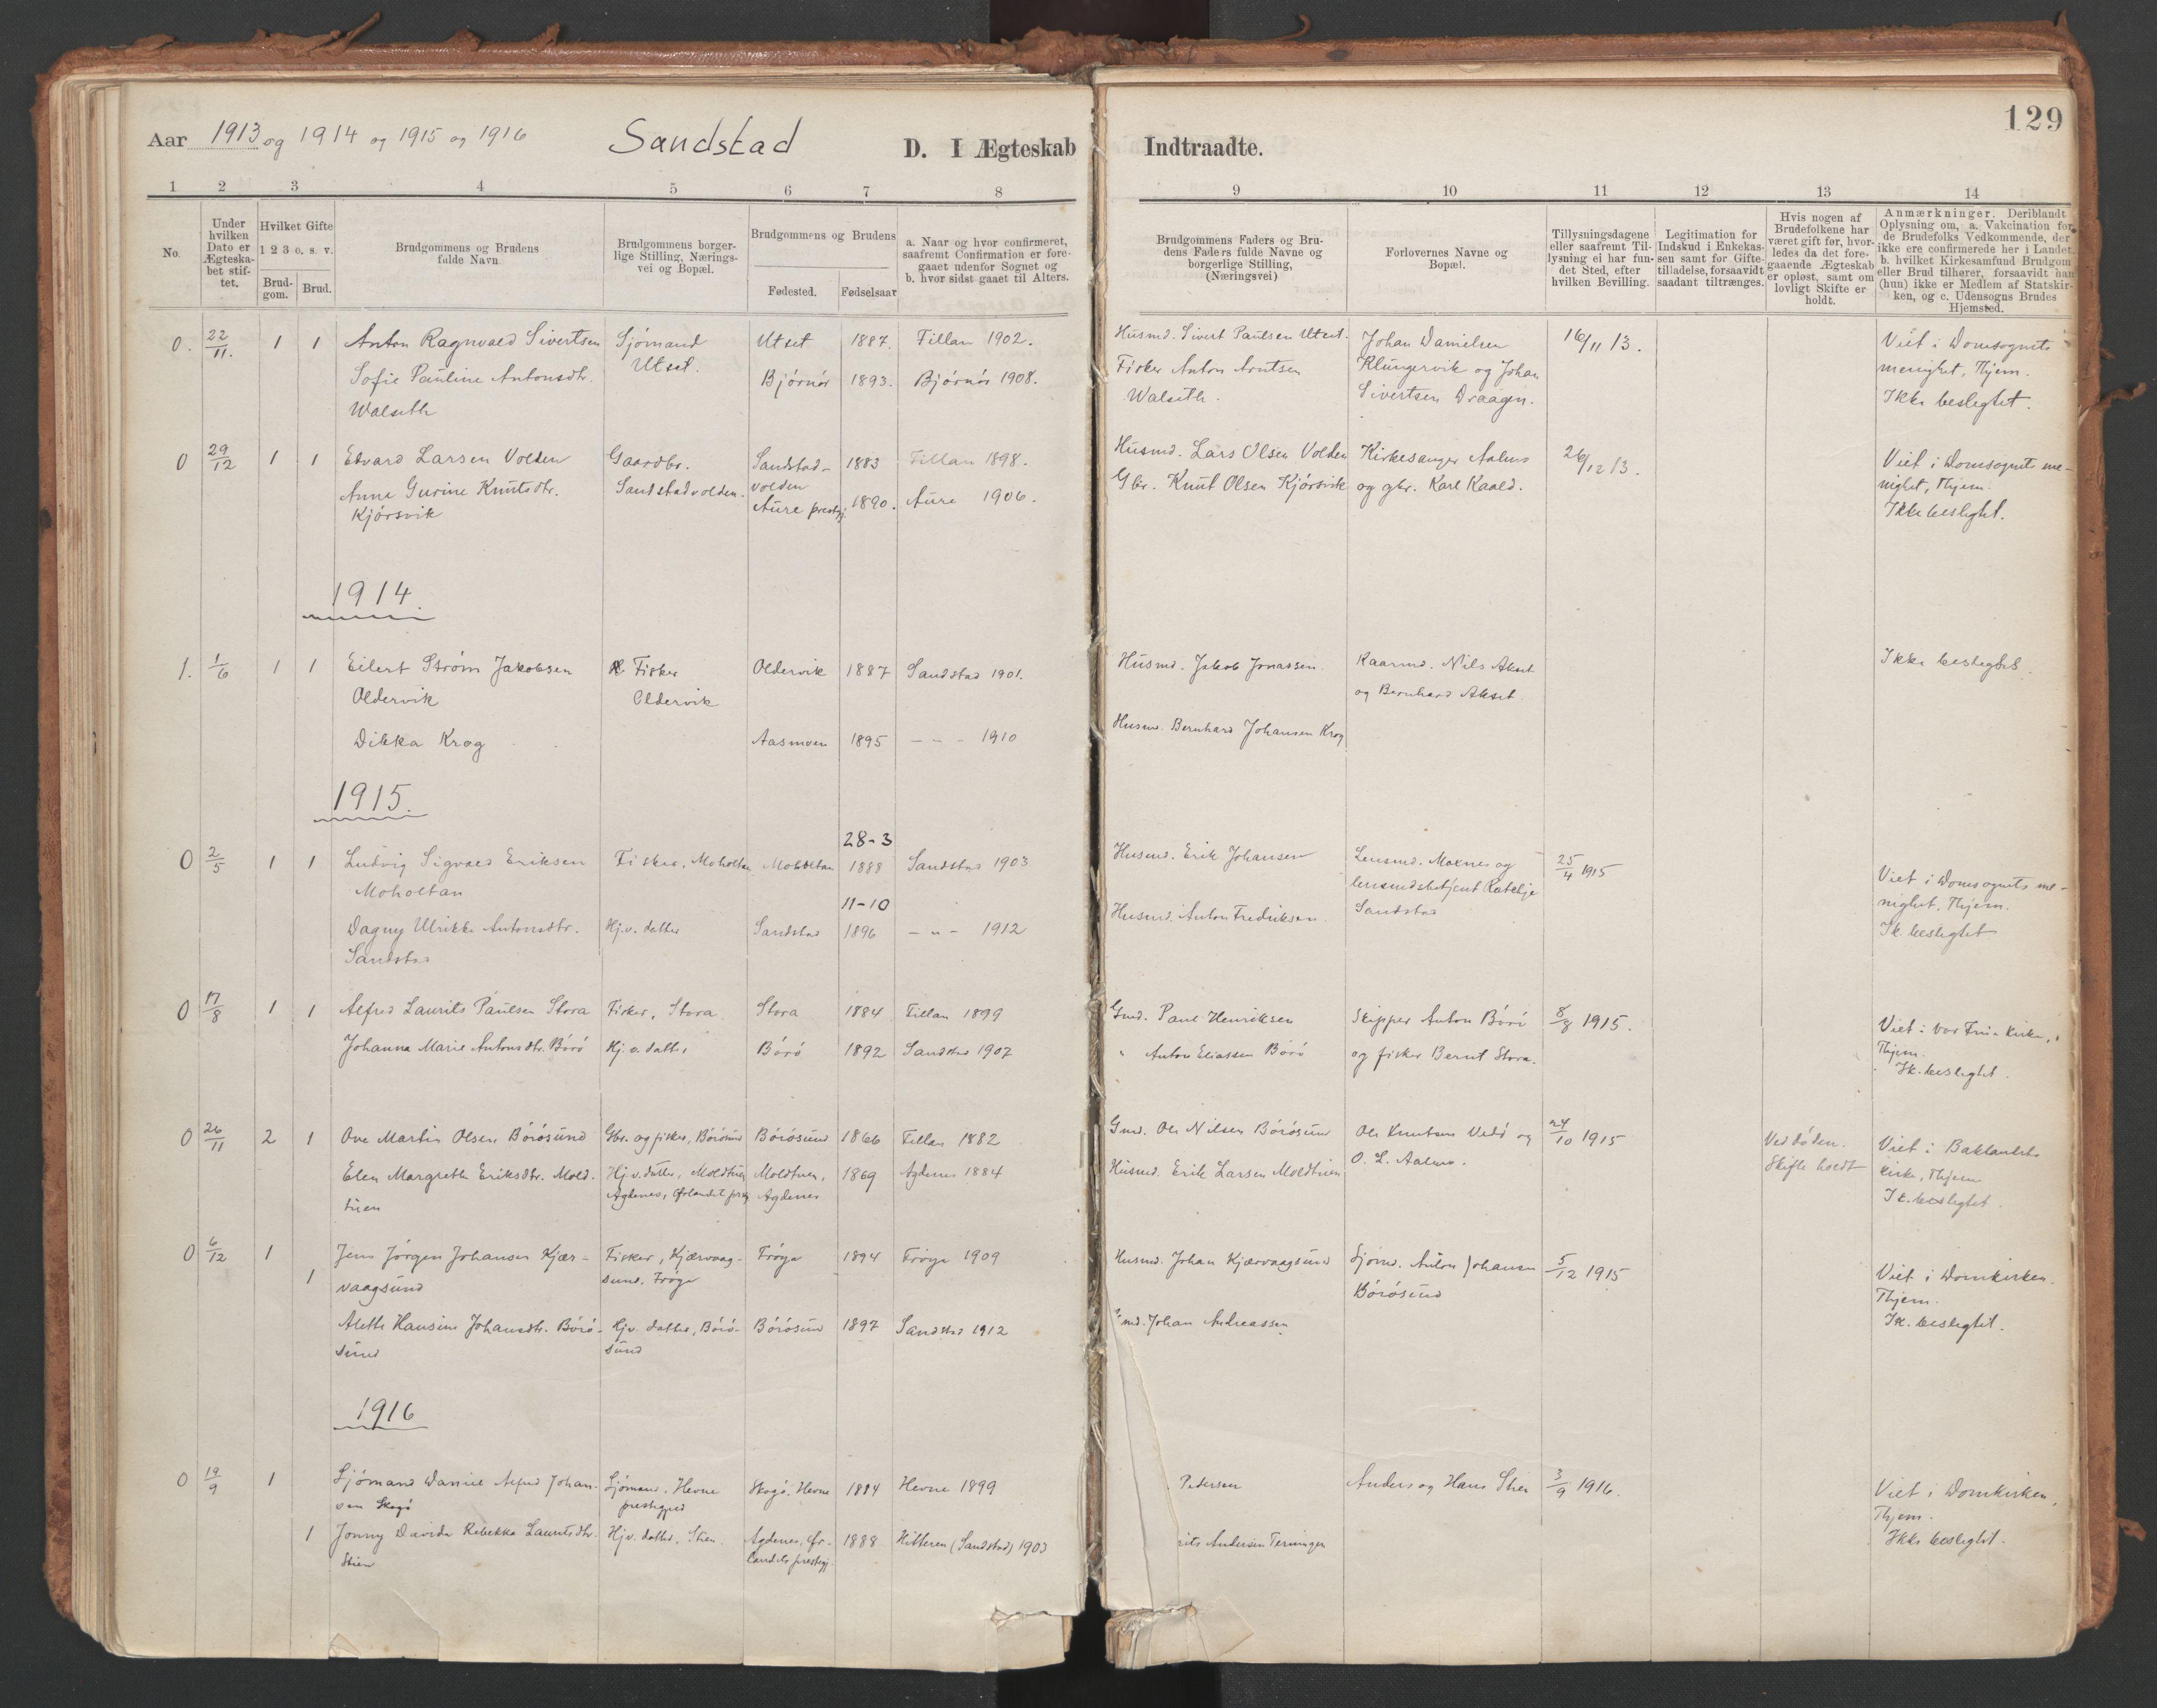 SAT, Ministerialprotokoller, klokkerbøker og fødselsregistre - Sør-Trøndelag, 639/L0572: Ministerialbok nr. 639A01, 1890-1920, s. 129